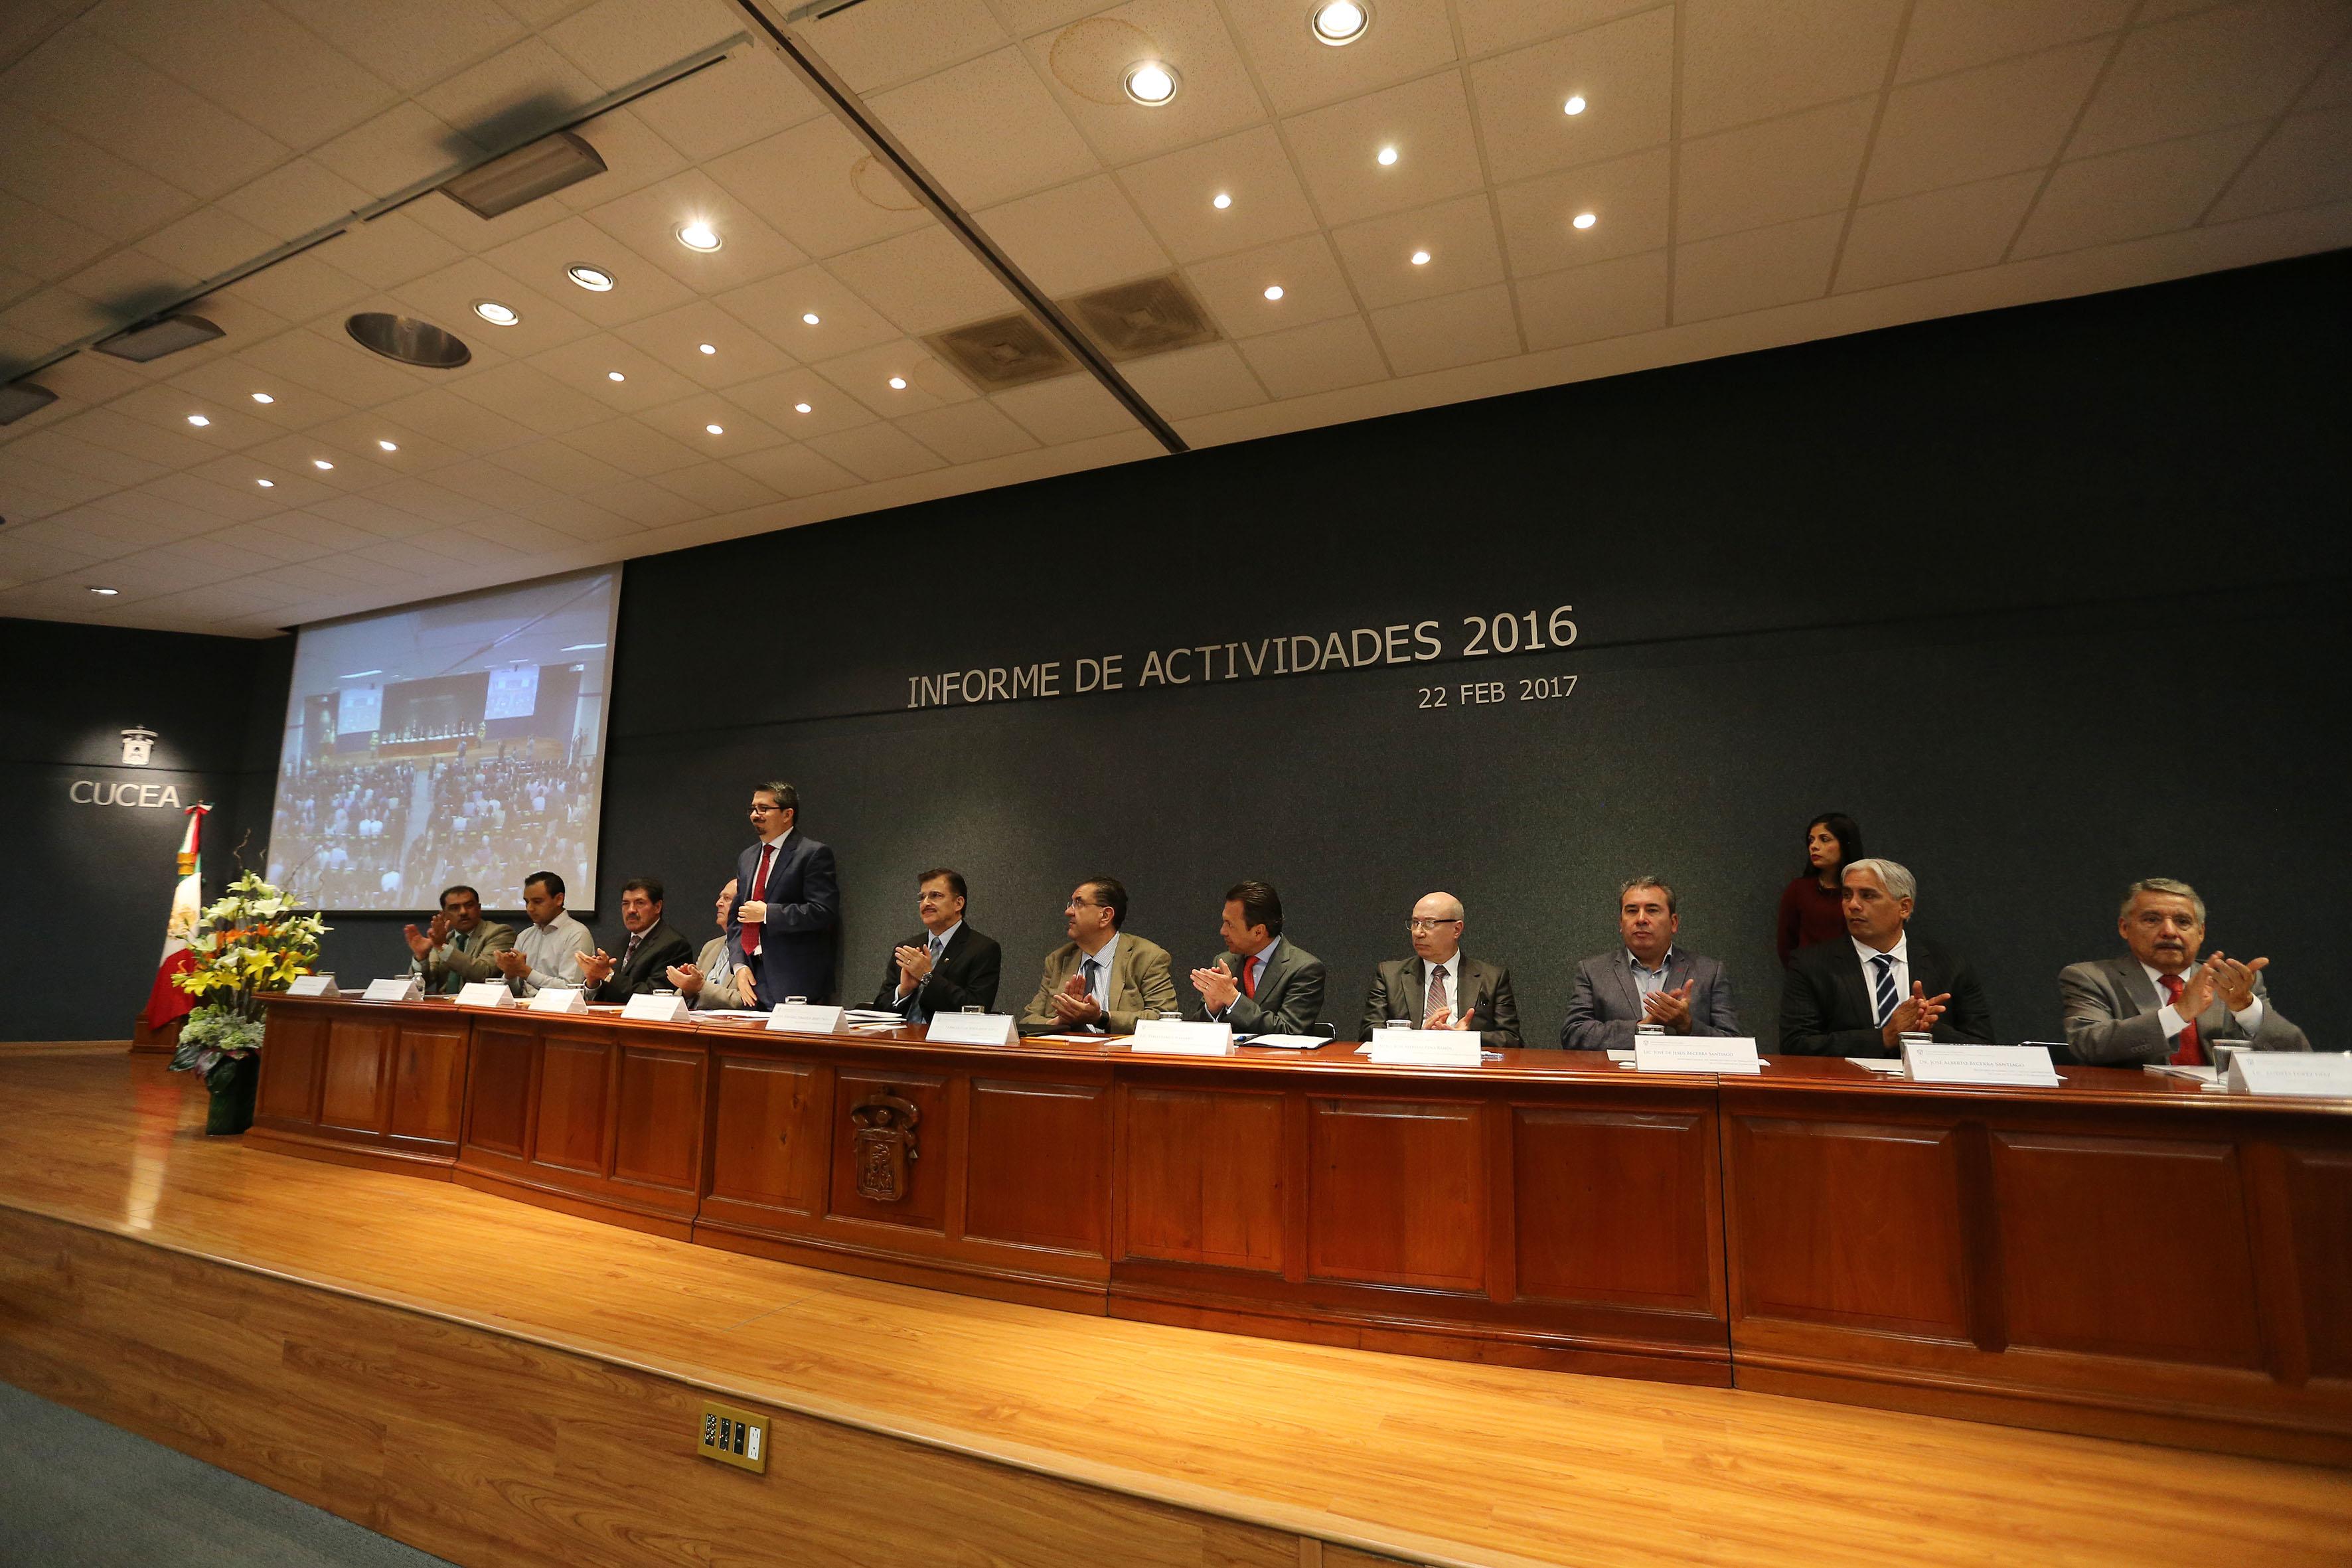 Presentación de honorables miembros del presídium, asistentes al Informe de Actividades 2016, del Centro Universitario de Ciencias Económico Administrativas.